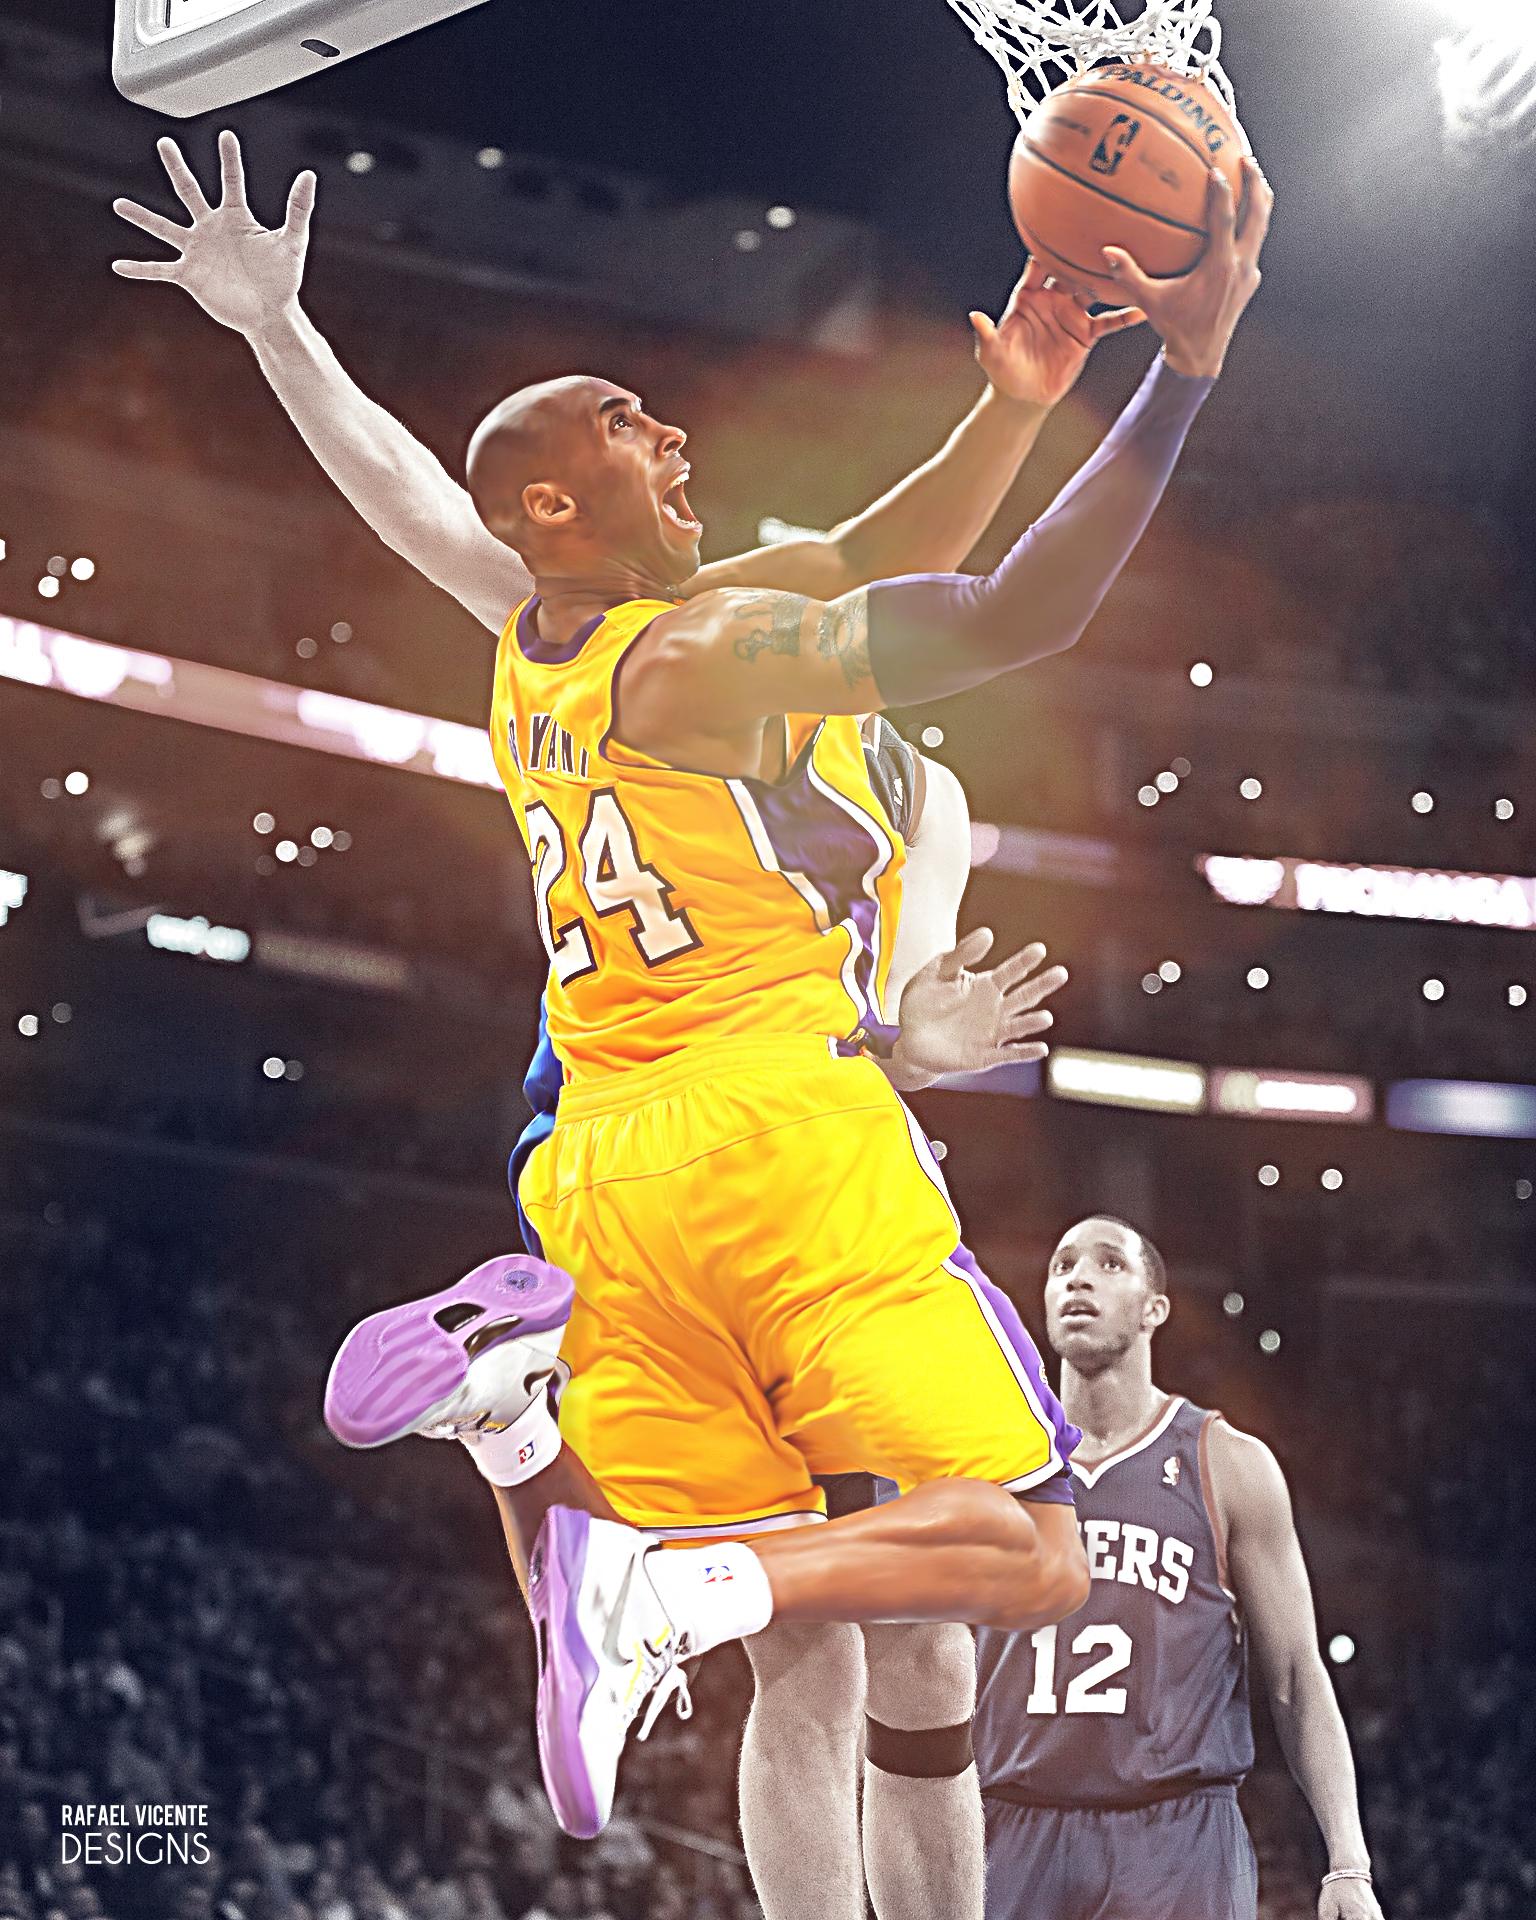 [49+] Kobe Bryant Wallpaper iPhone 6 on WallpaperSafari